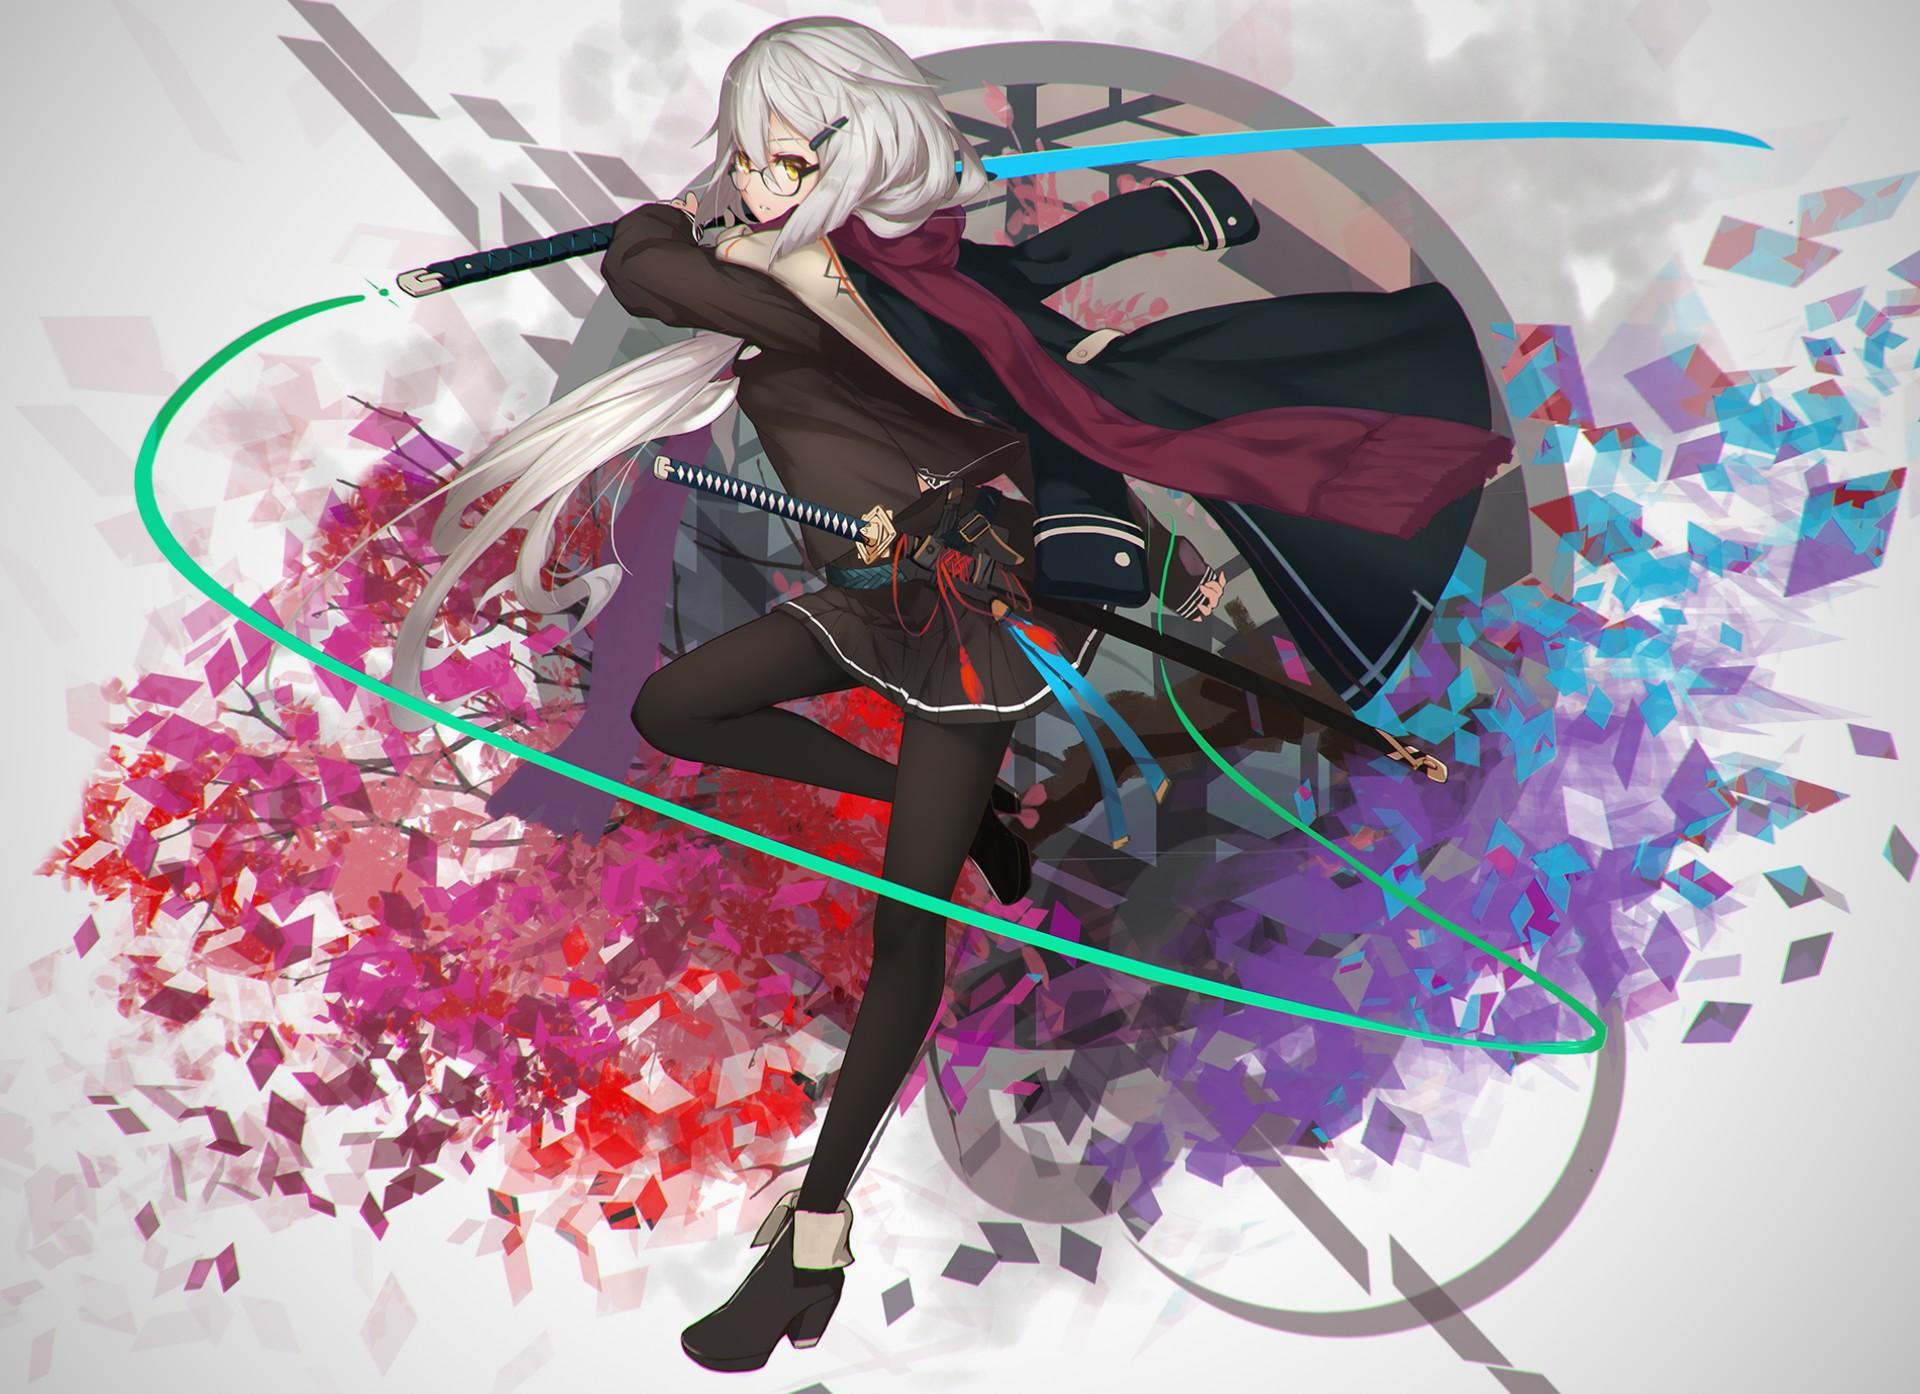 Long hair anime anime girls sword weapon skirt gray - Girl with sword wallpaper ...